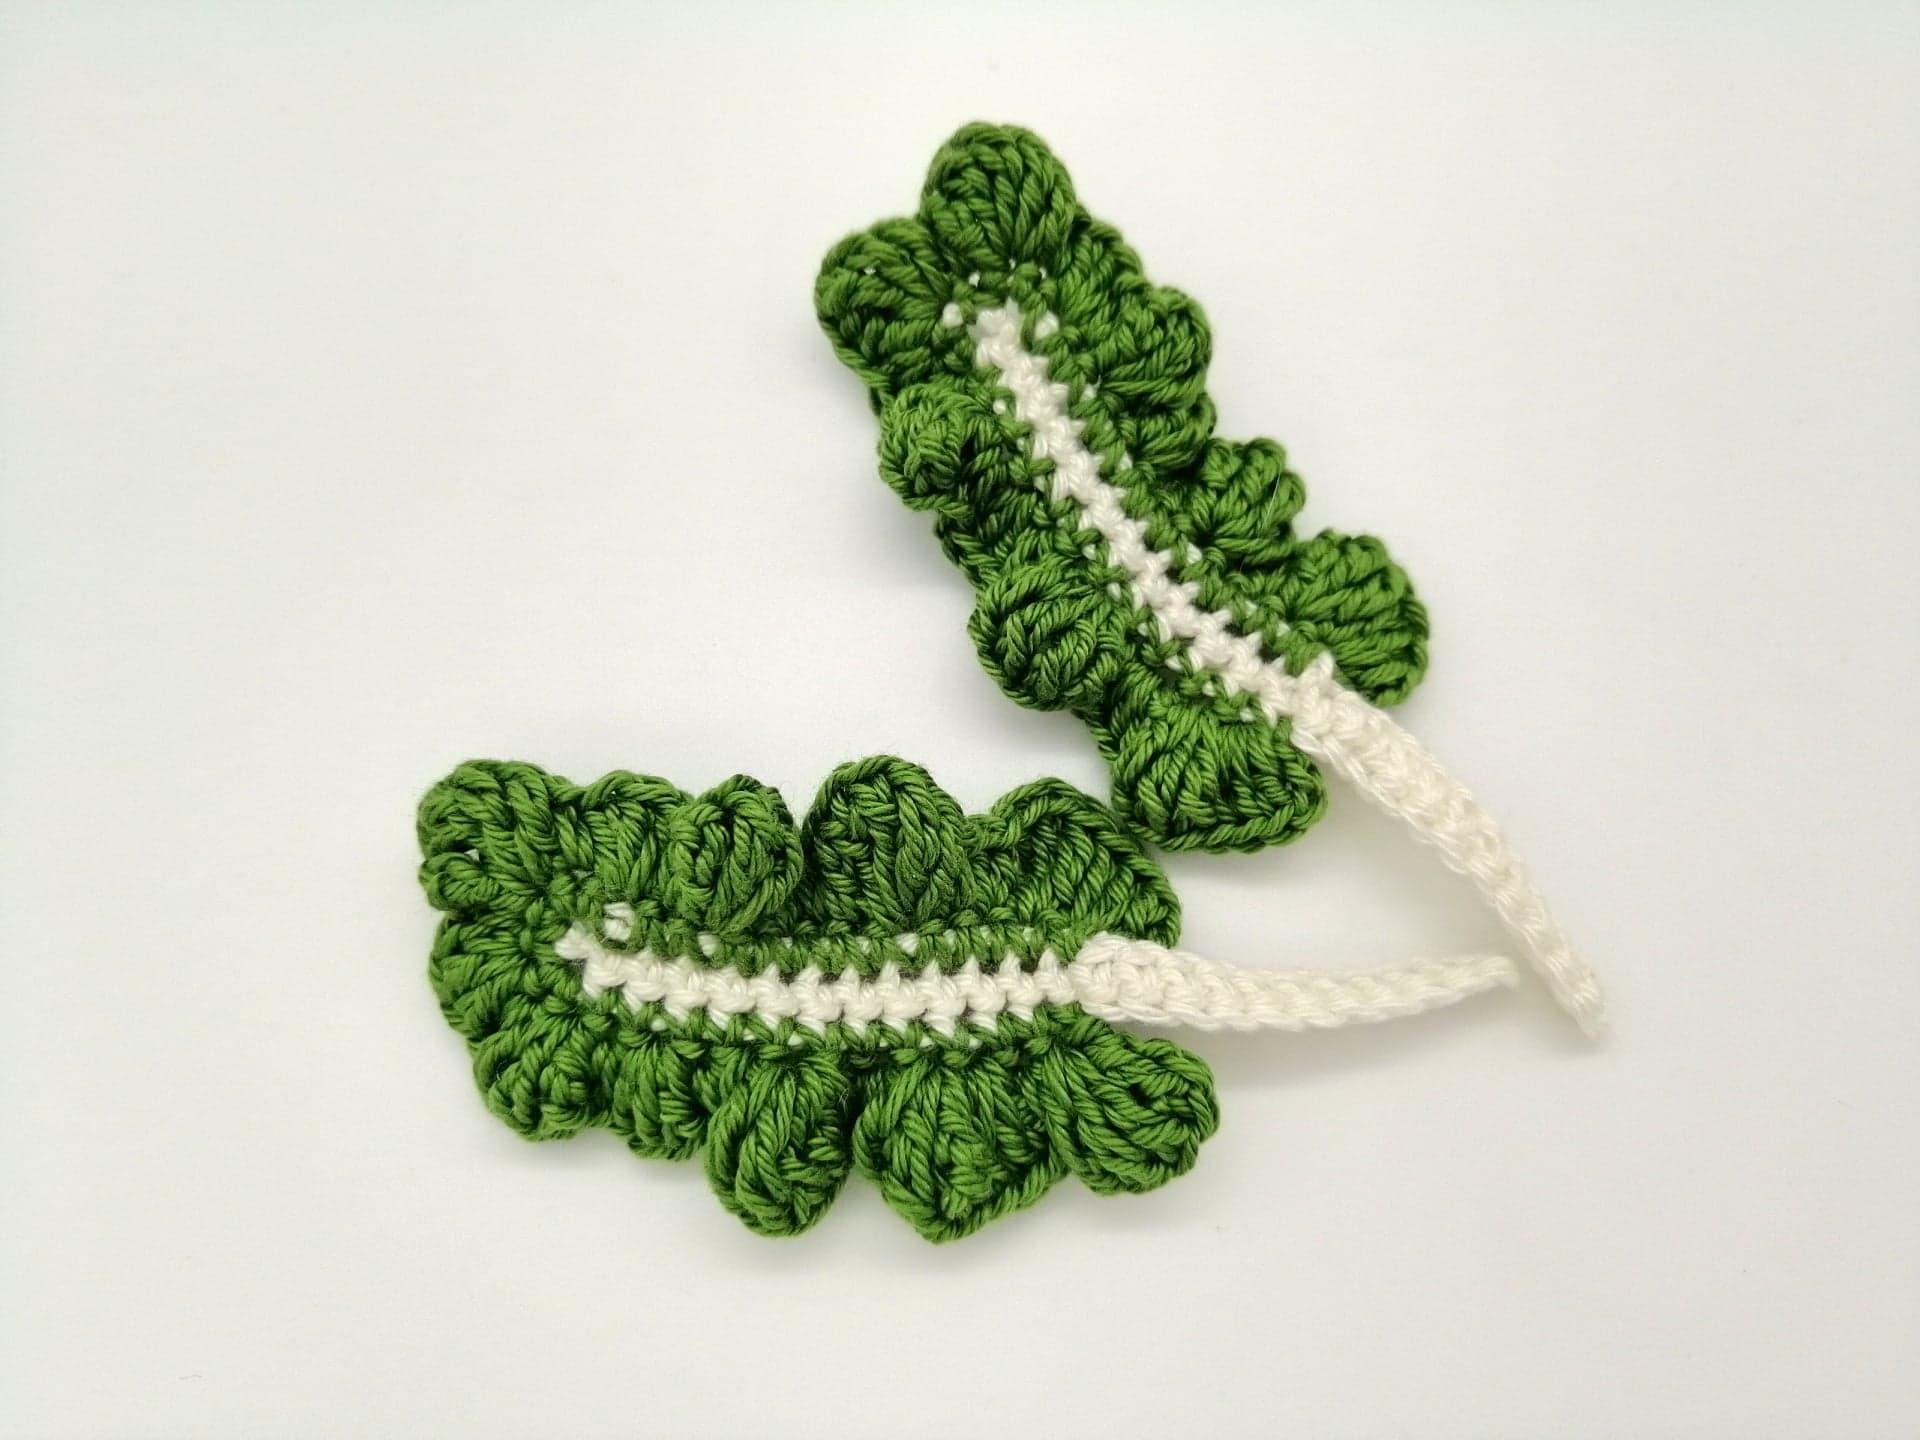 Tutoriel feuille de blette au crochet pour dinette/marchande